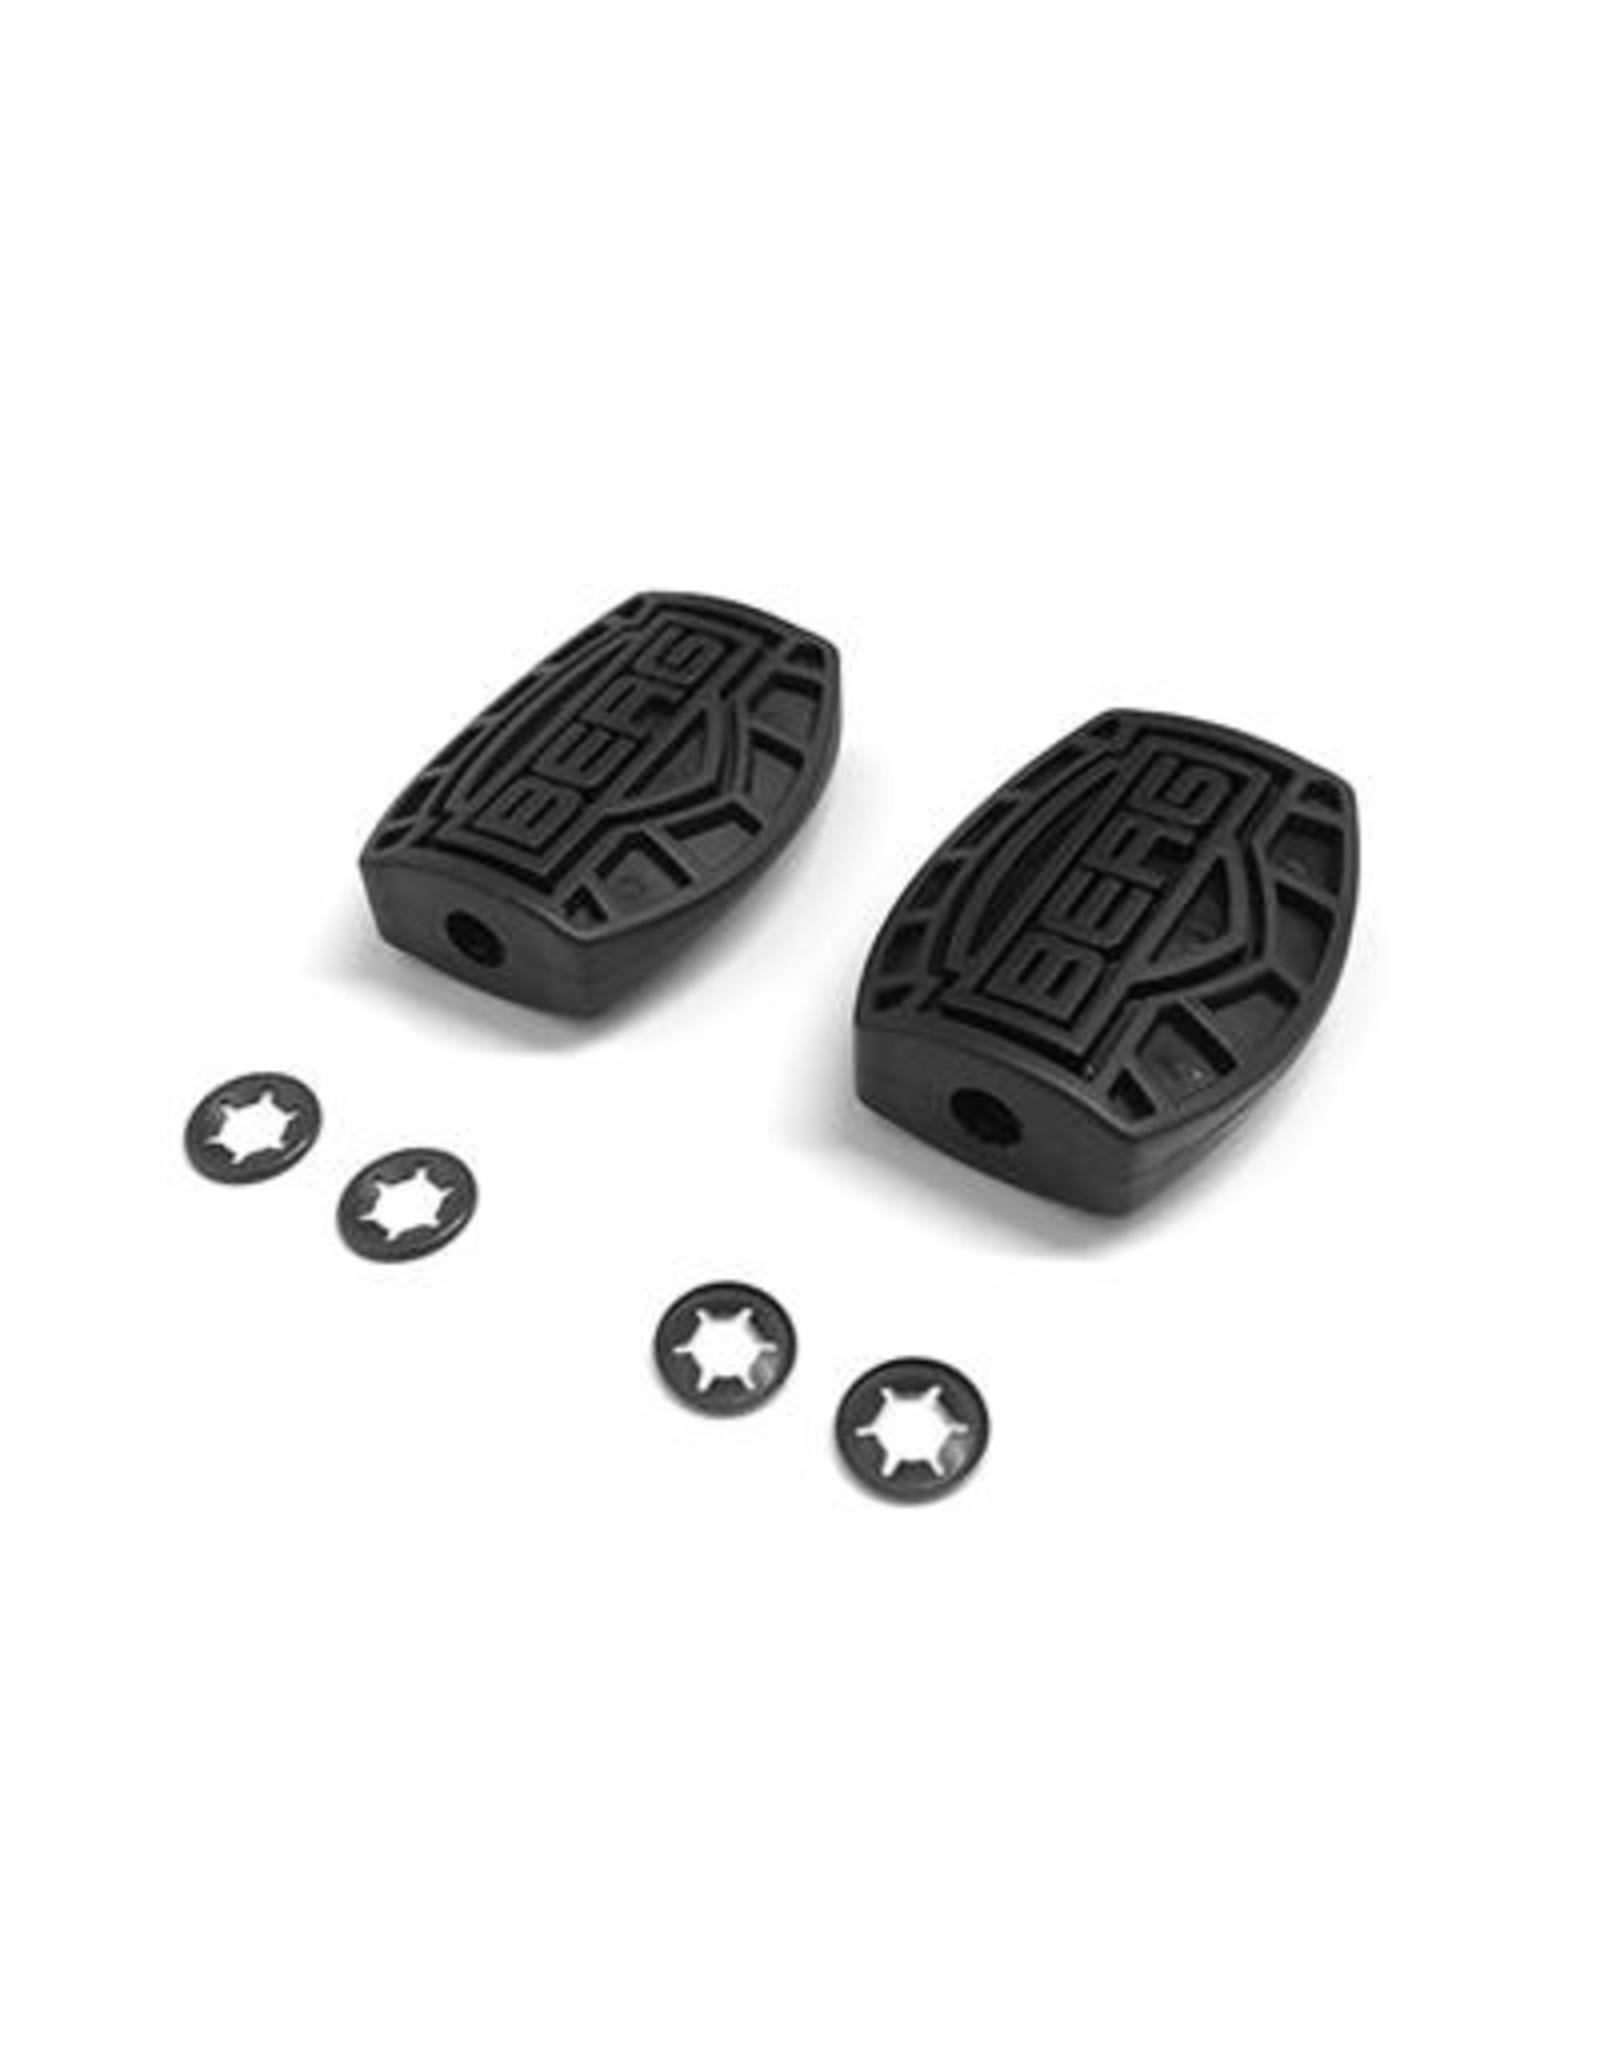 BERG BERG Buzzy - Pedal schwarz (2x)